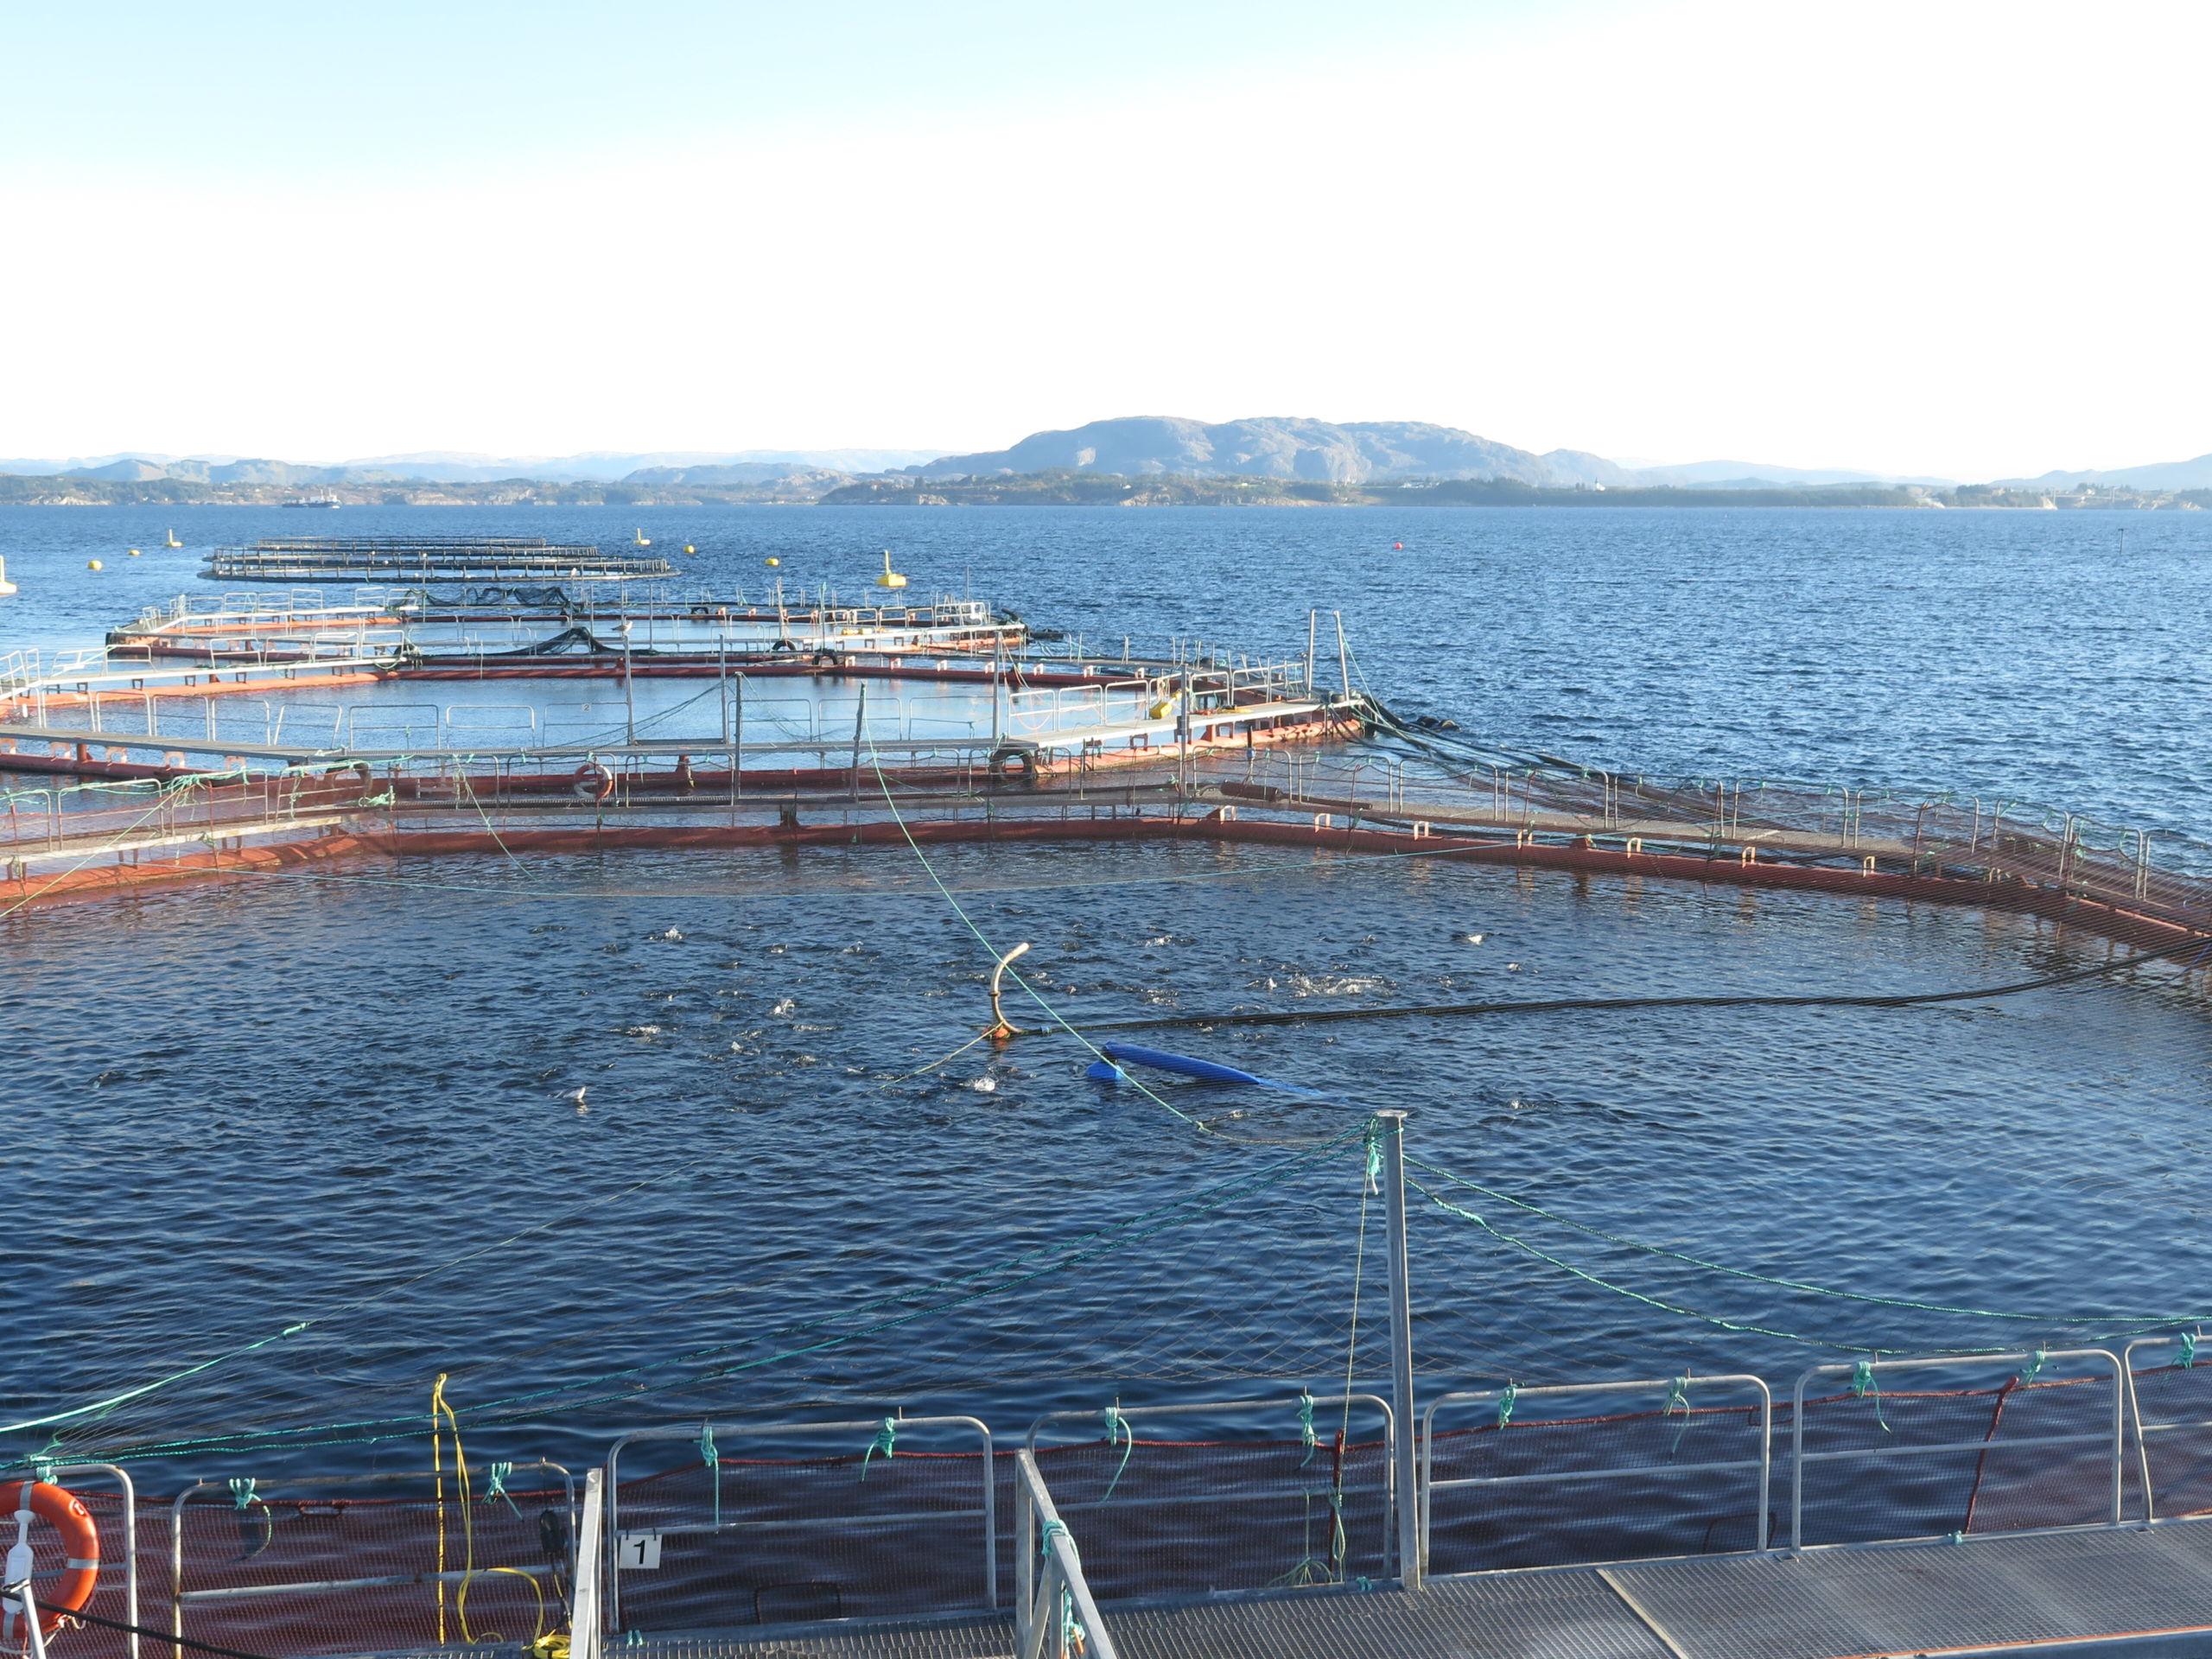 Richiesti chiarimenti sulla deroga dell' 853/2004 in merito al salmone norvegese e l'esenzione dal congelamento per il suo consumo da crudo.